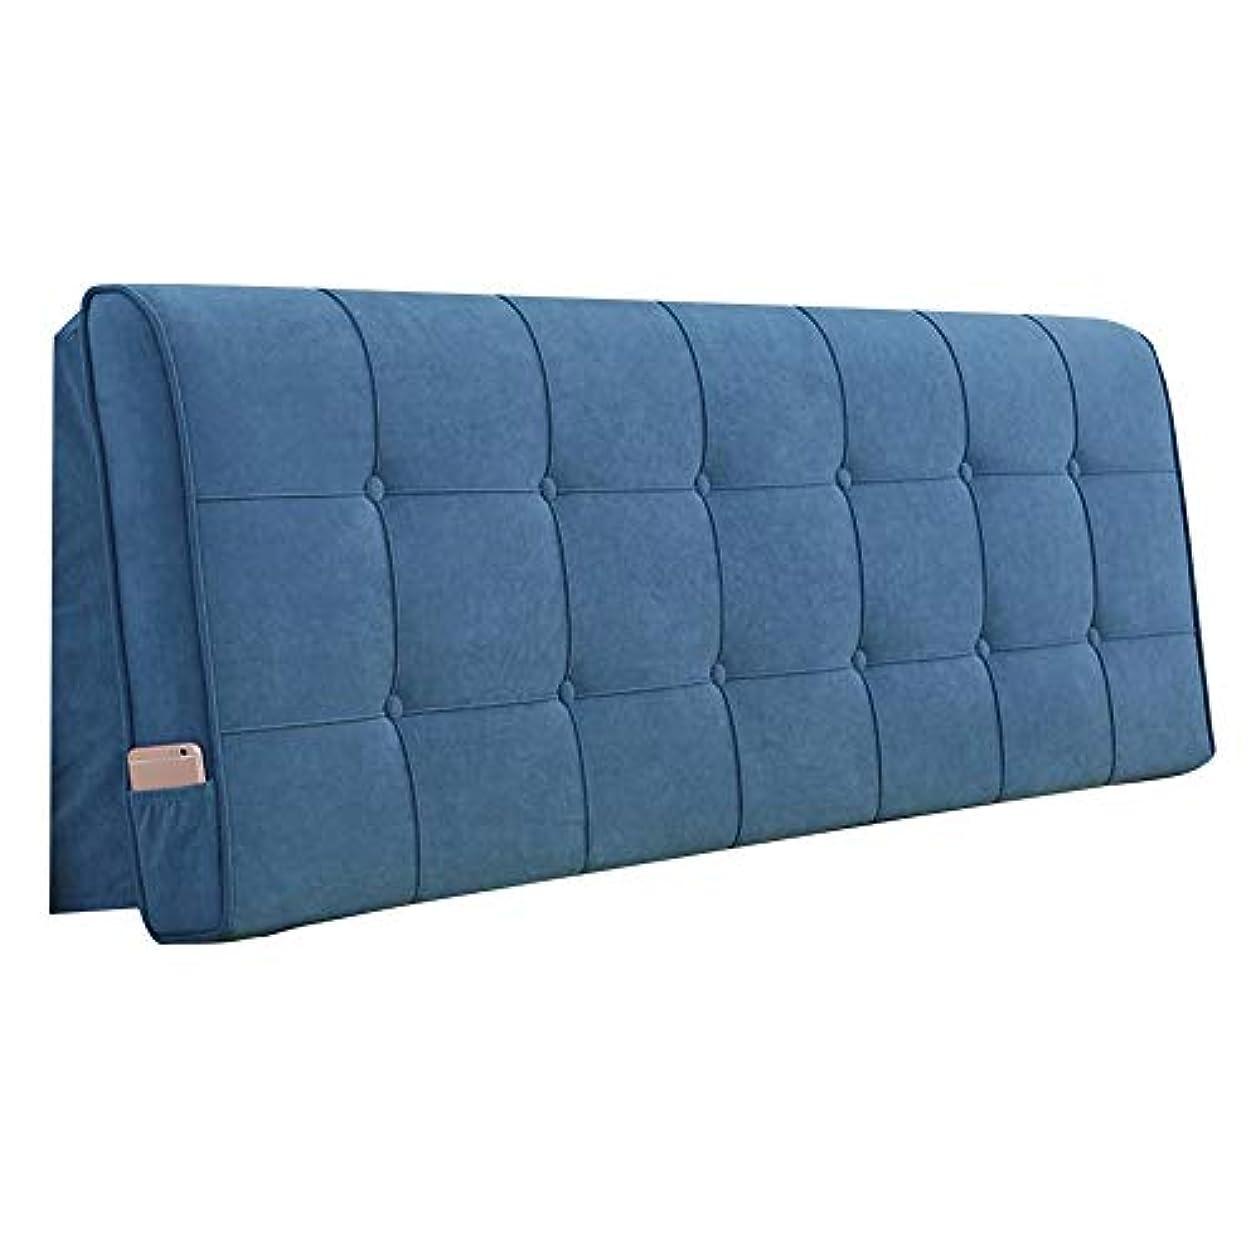 ワゴンフレアなだめるLIANGLIANG クションベッドの背もたれ に適用する 屋内 デコレーション ダブルベッド 腰 サポート 読んだ 枕 柔らかい 超極細繊維 環境を守ること お手入れ簡単、 (Color : #3 blue, Size : 120x58x10cm)